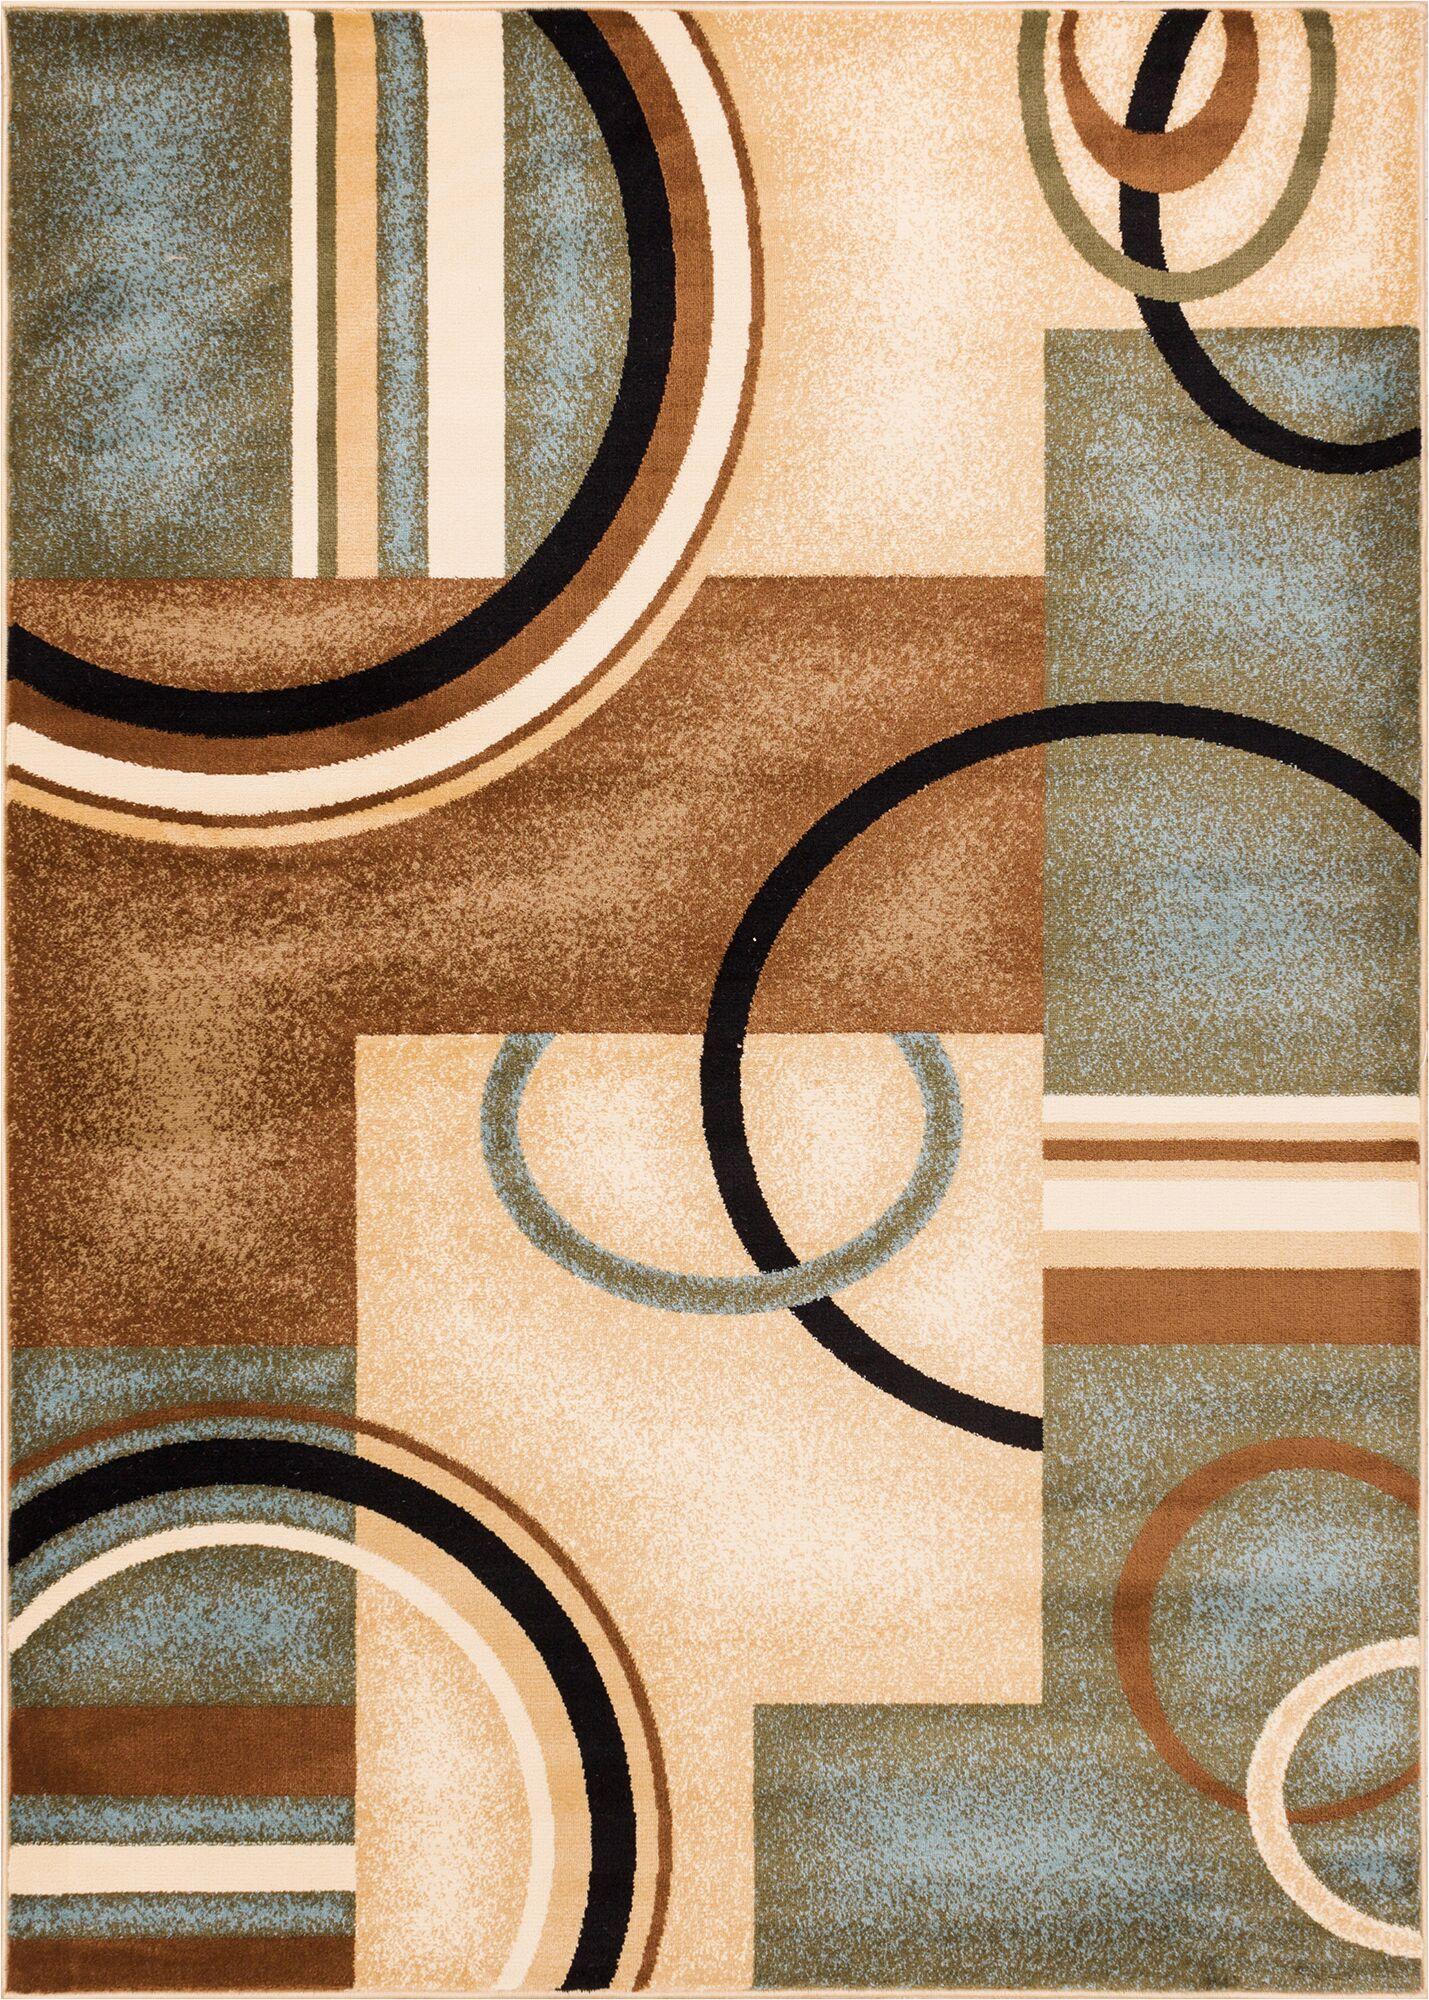 Gehl Modern Blue Arcs & Shapes Area Rug Rug Size: Rectangle 6'7